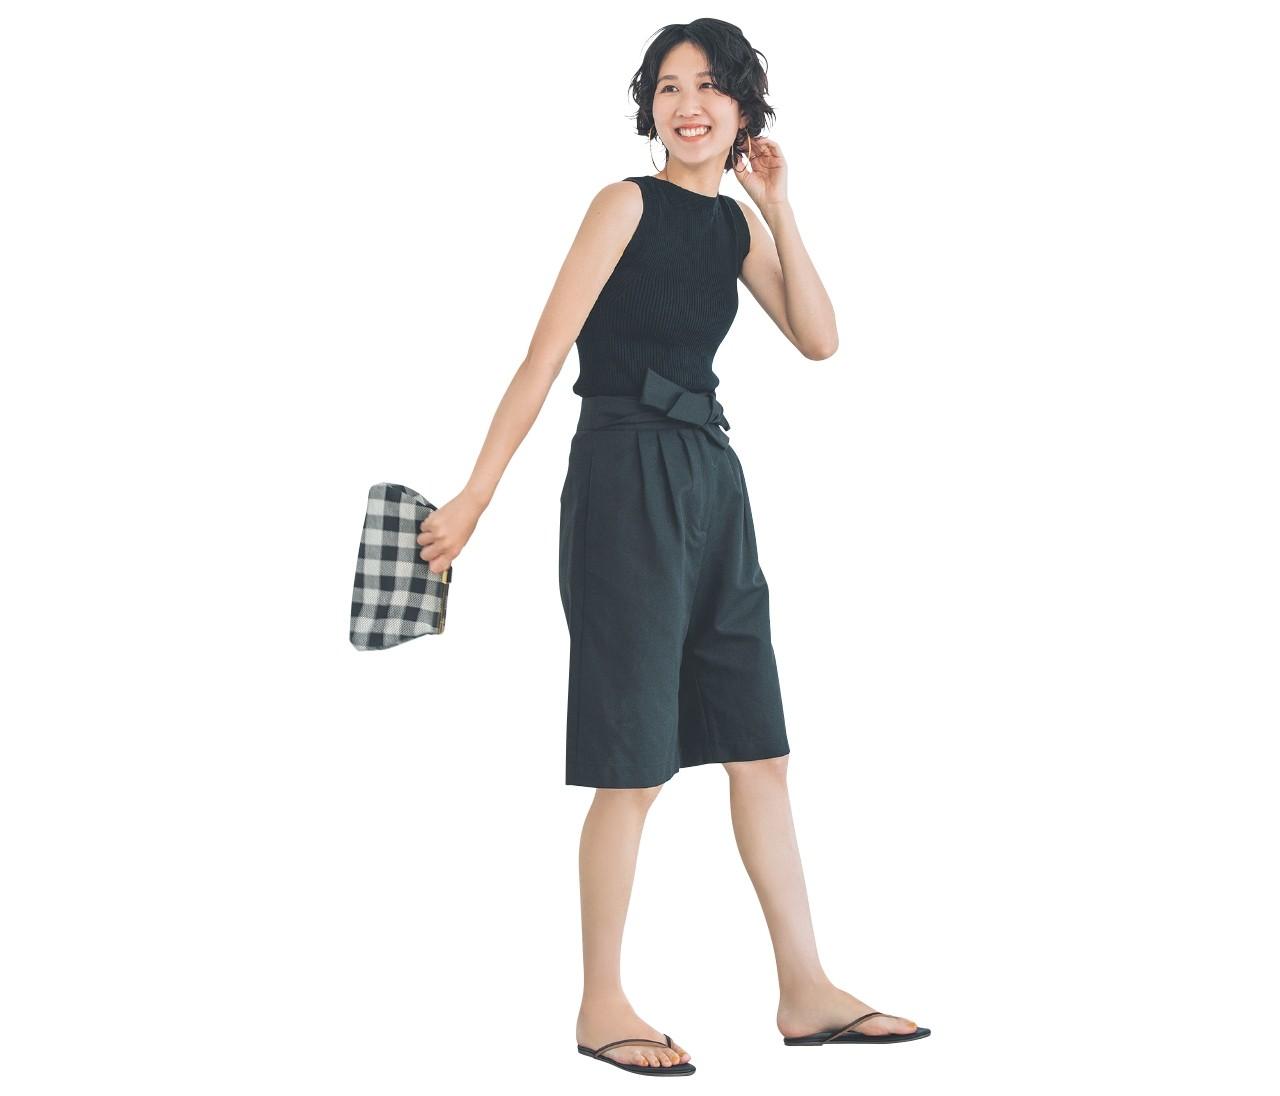 【30代女子の夏ファッションQ&A】大人のミニボトムコーデとは?